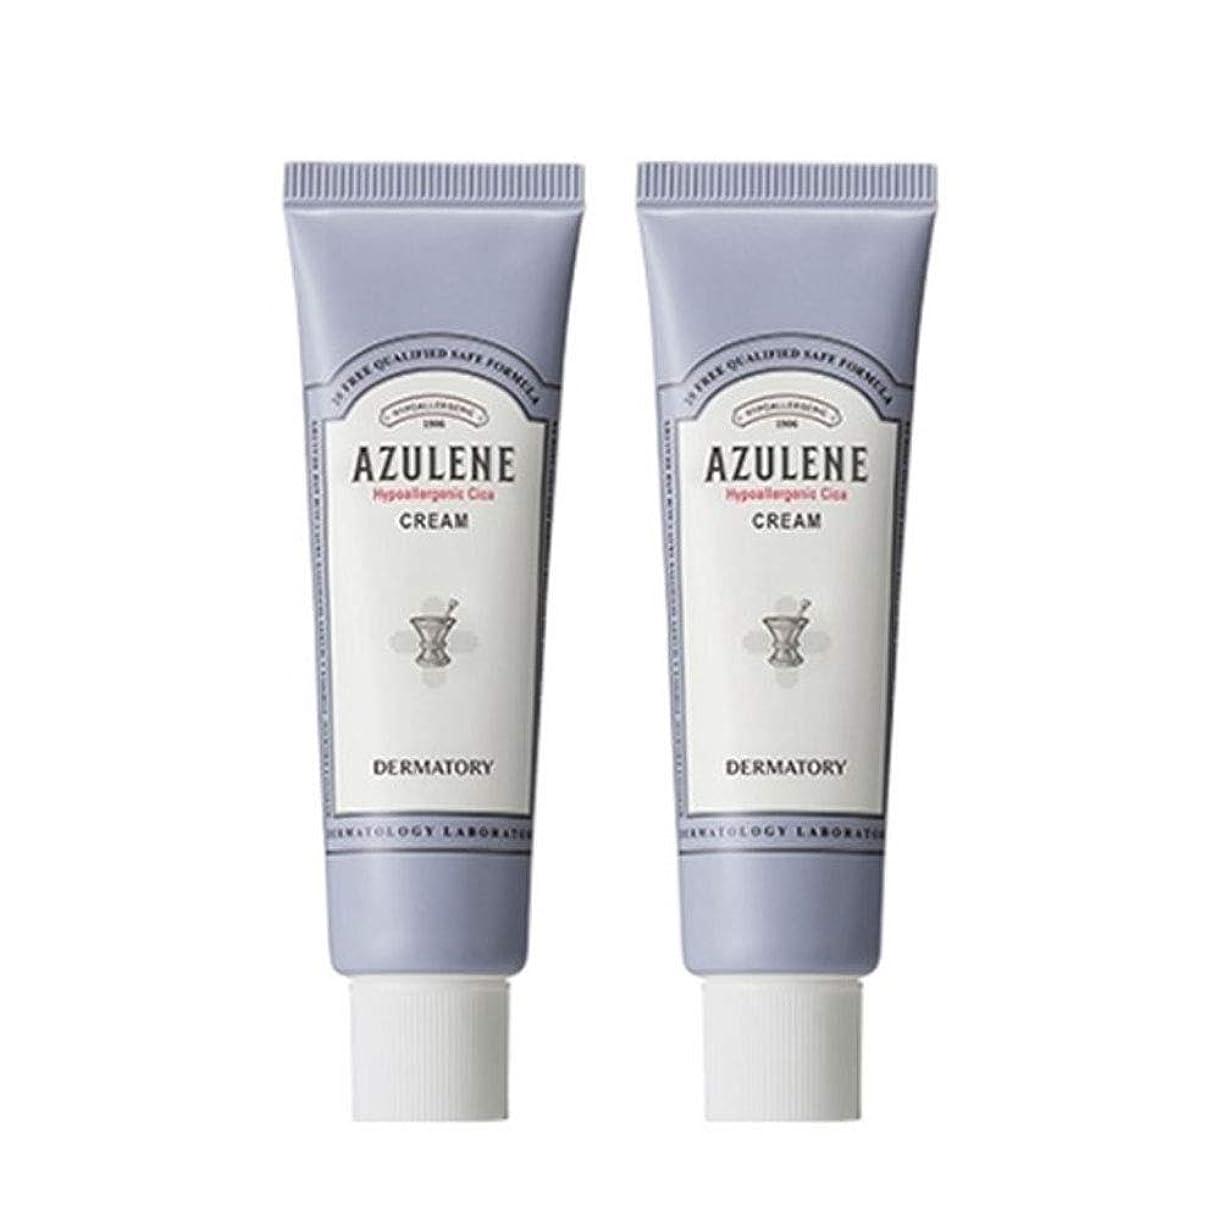 ナサニエル区理想的にはキッチンクリオダーマトリハイポアラジェニックシカクリーム50ml x2本セット皮膚鎮静保護韓国コスメ、Clio Dermatory Hypoallergenic Cica Cream 50ml x 2ea Set Korean Cosmetics [並行輸入品]